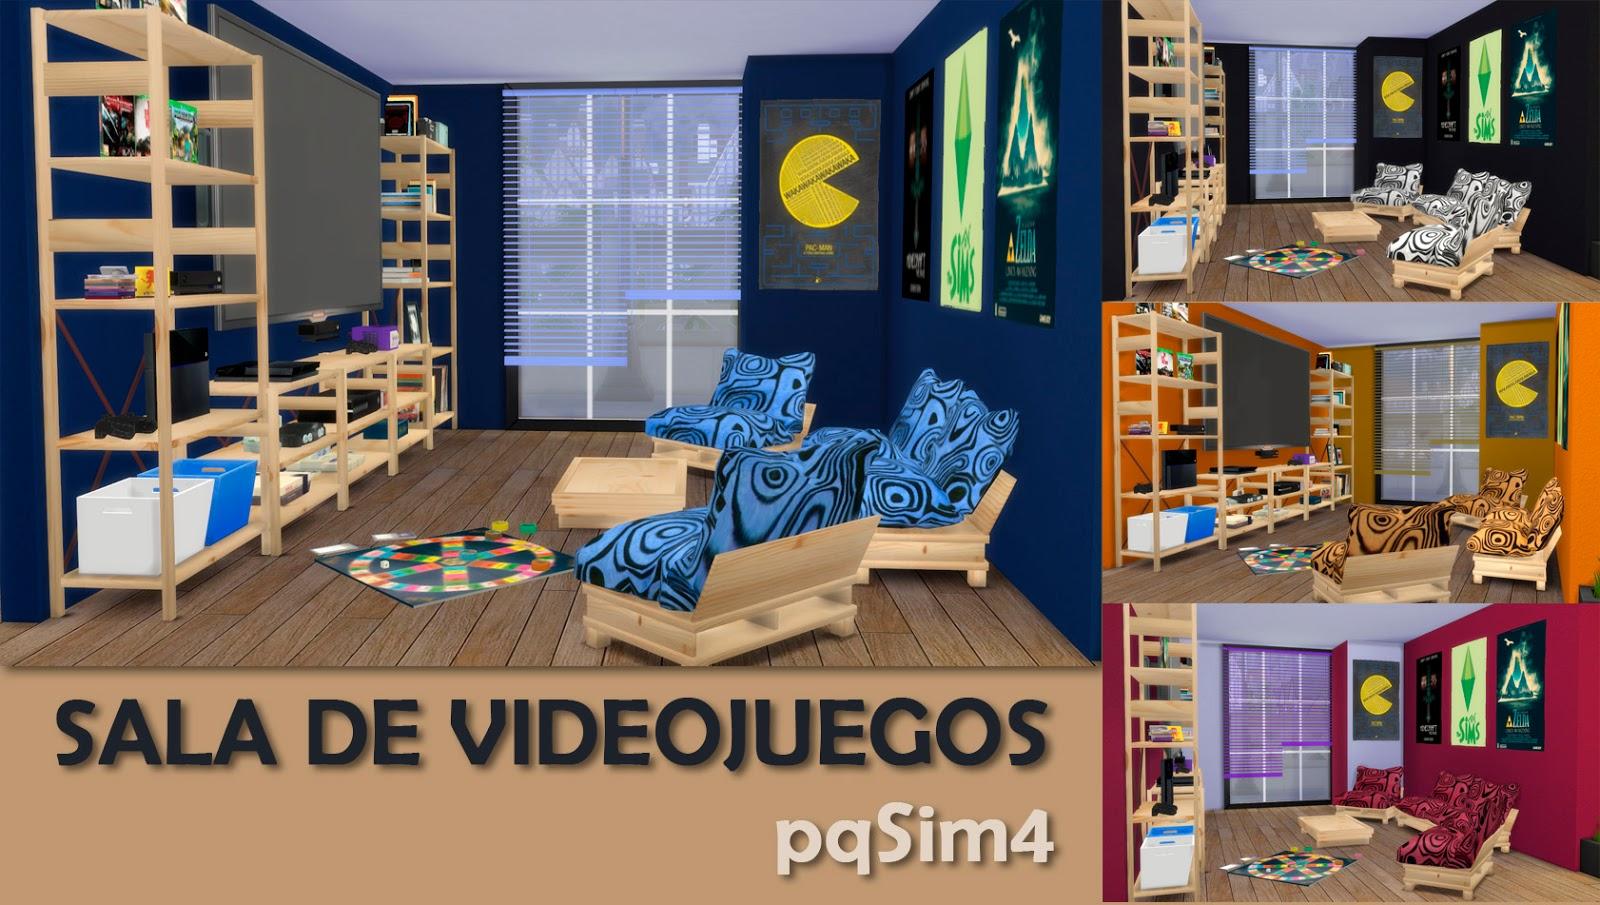 Sala de videojuegos sims 4 custom content for Sala de estar sims 4